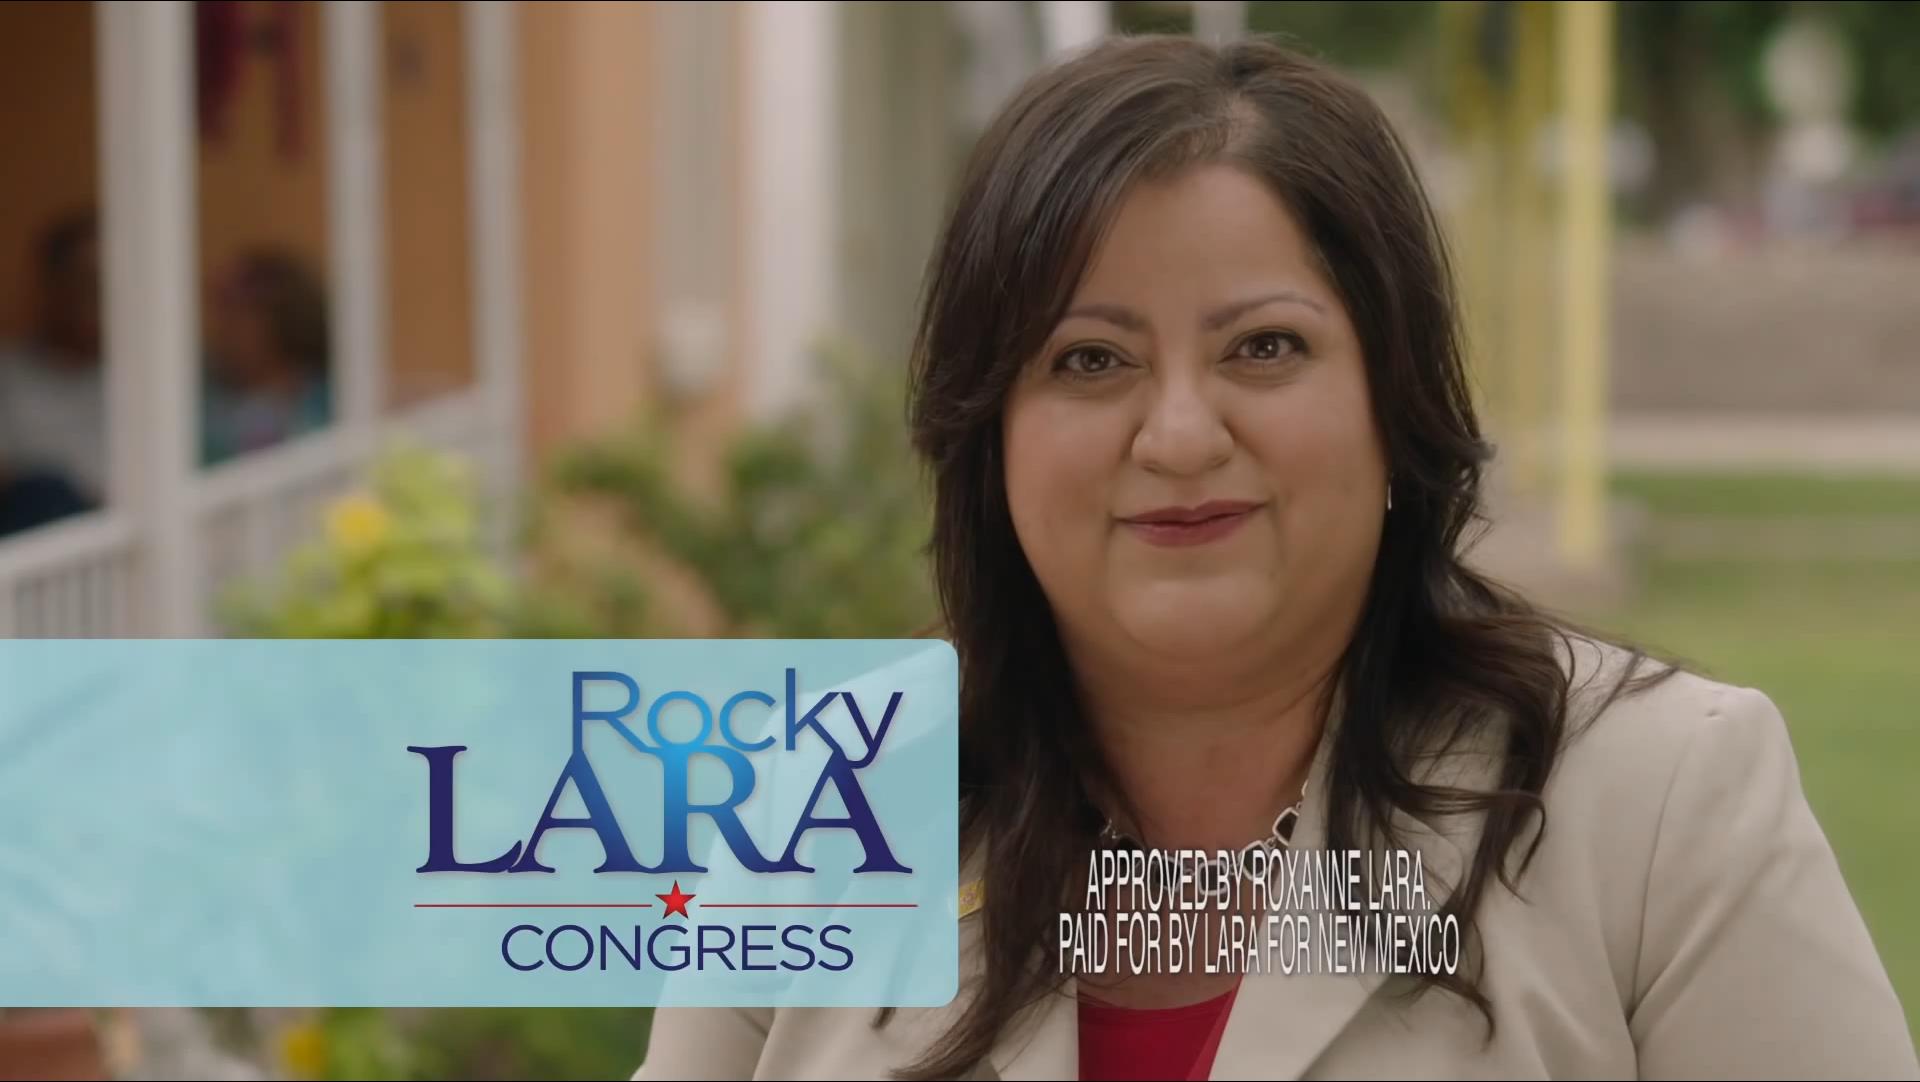 Rocky Lara - Thinking